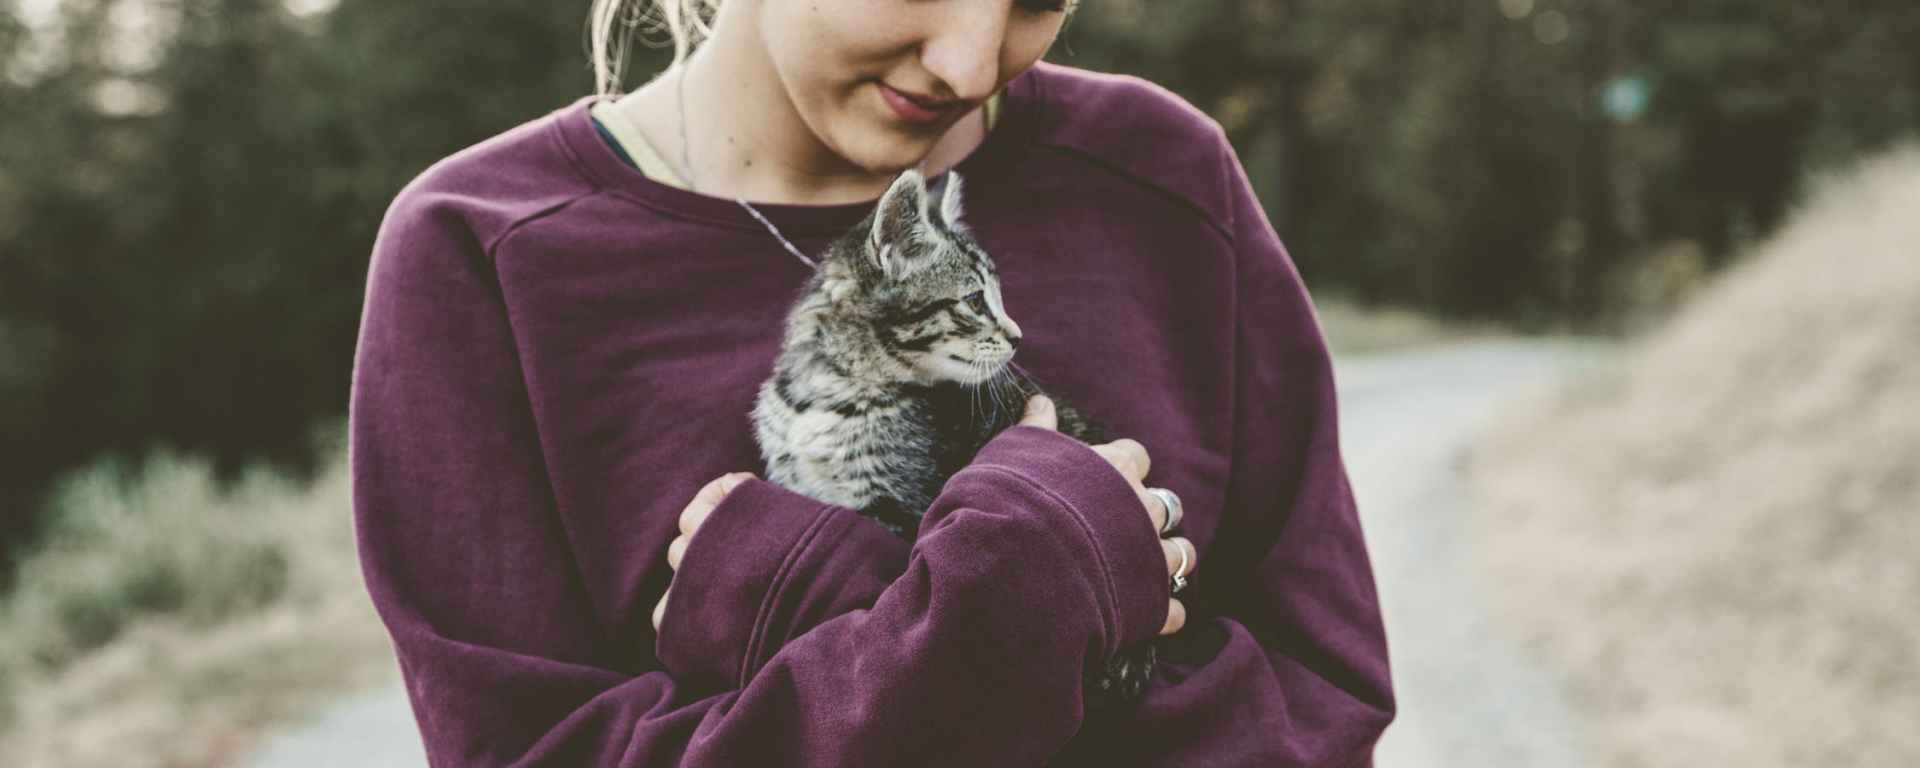 woman in purple sweater cuddling kitten outdoors in cold